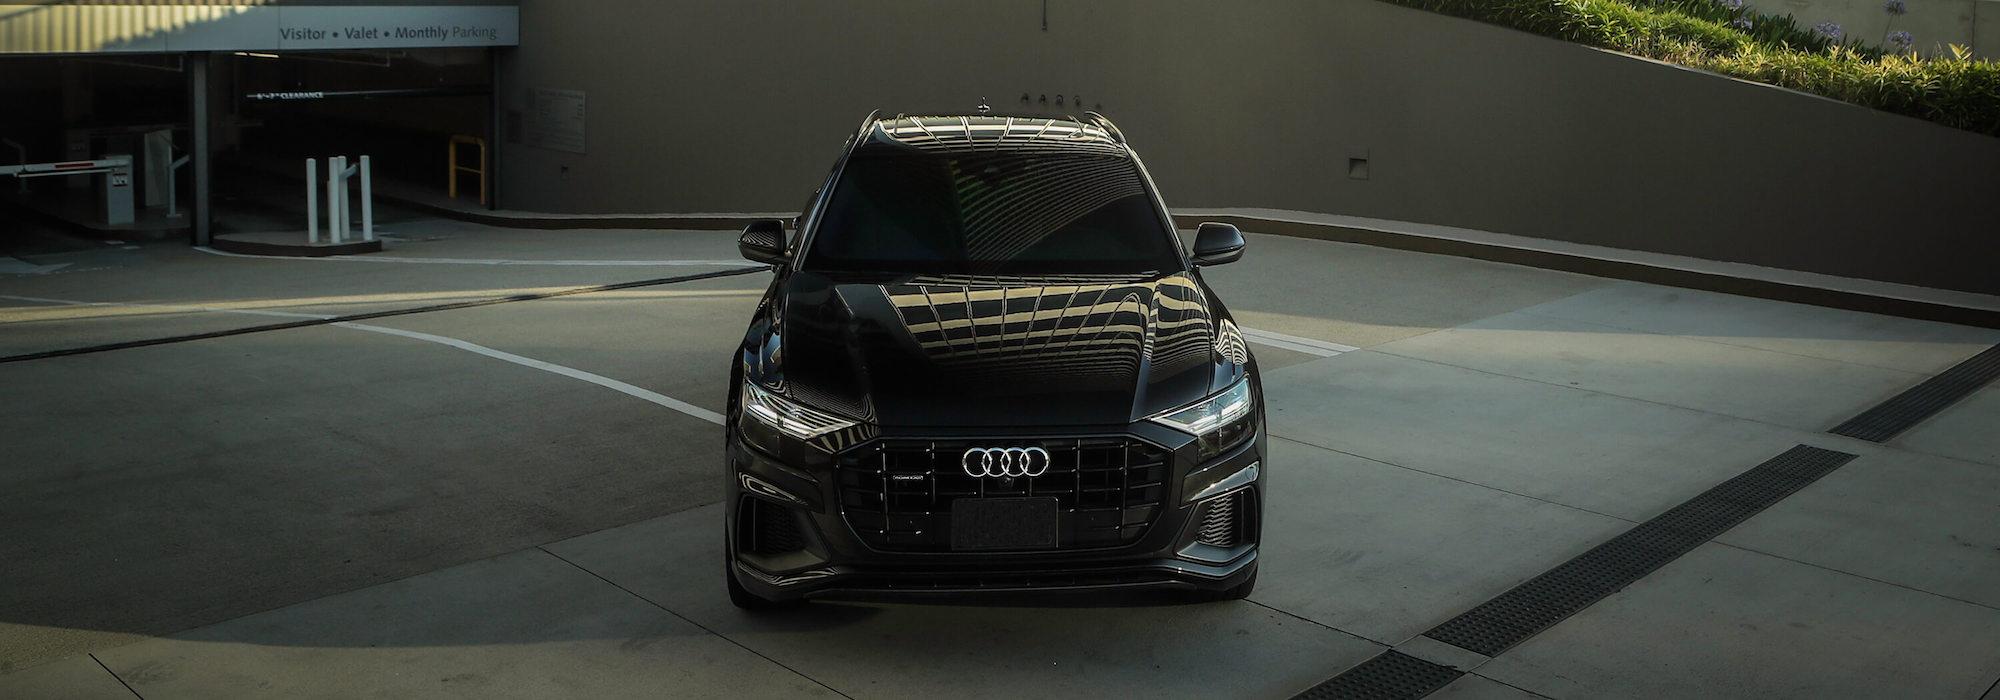 Audi Rental Los Angeles